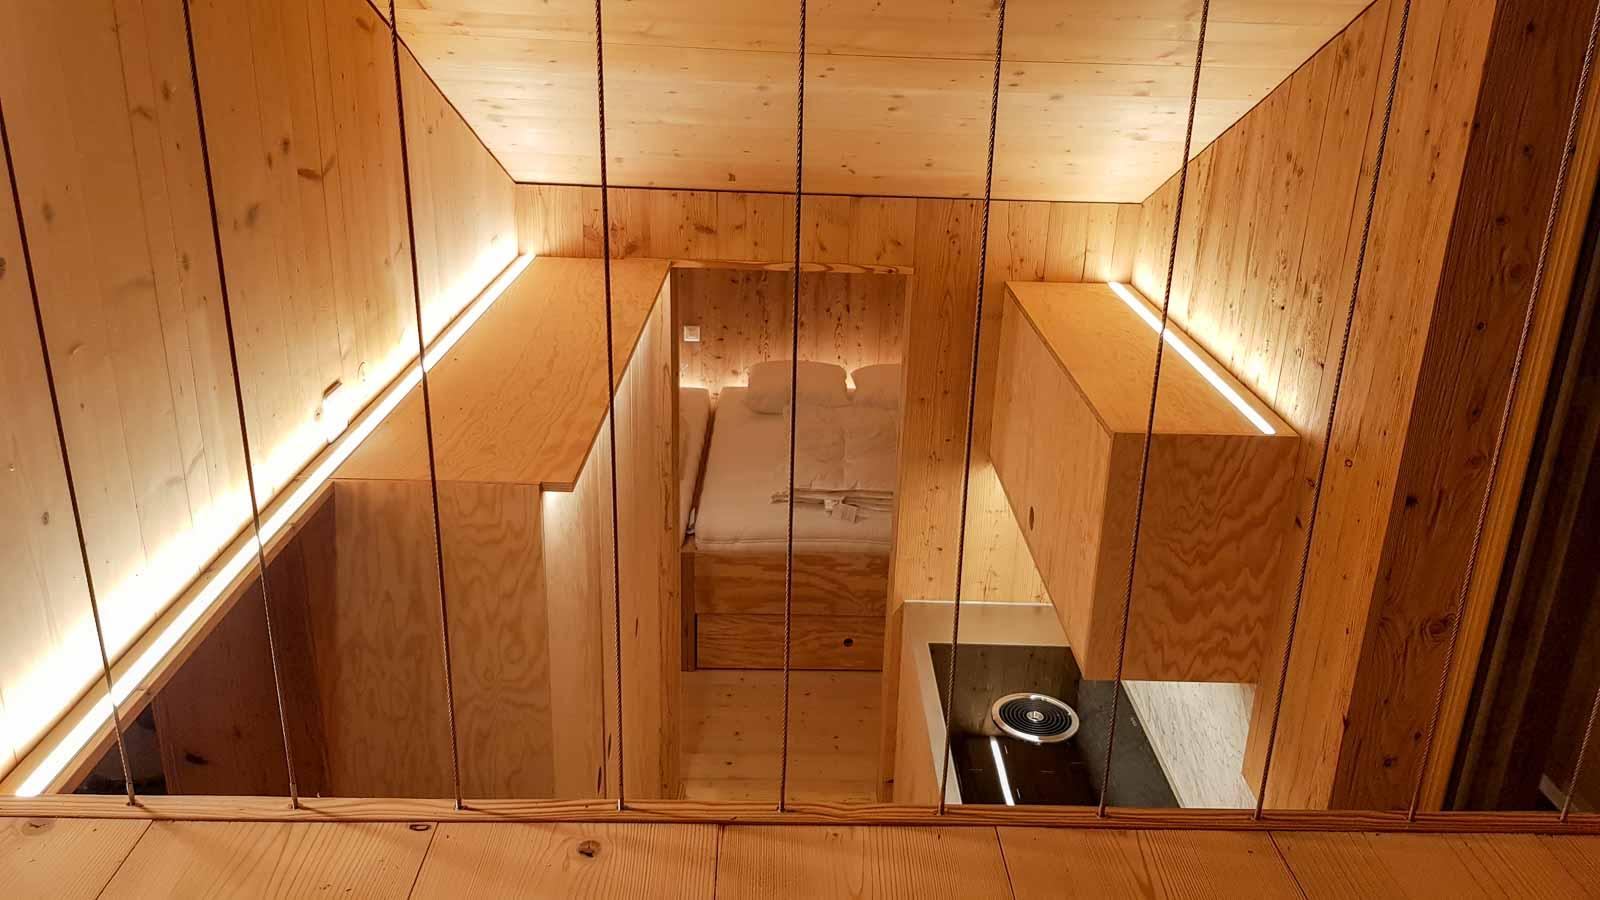 Wooddesign_Holzdesign_Innenausbau Ferienhaus_Altholz_Ferienwohnung_Ferienchalet_Schwarzsee_ Umbau (19)